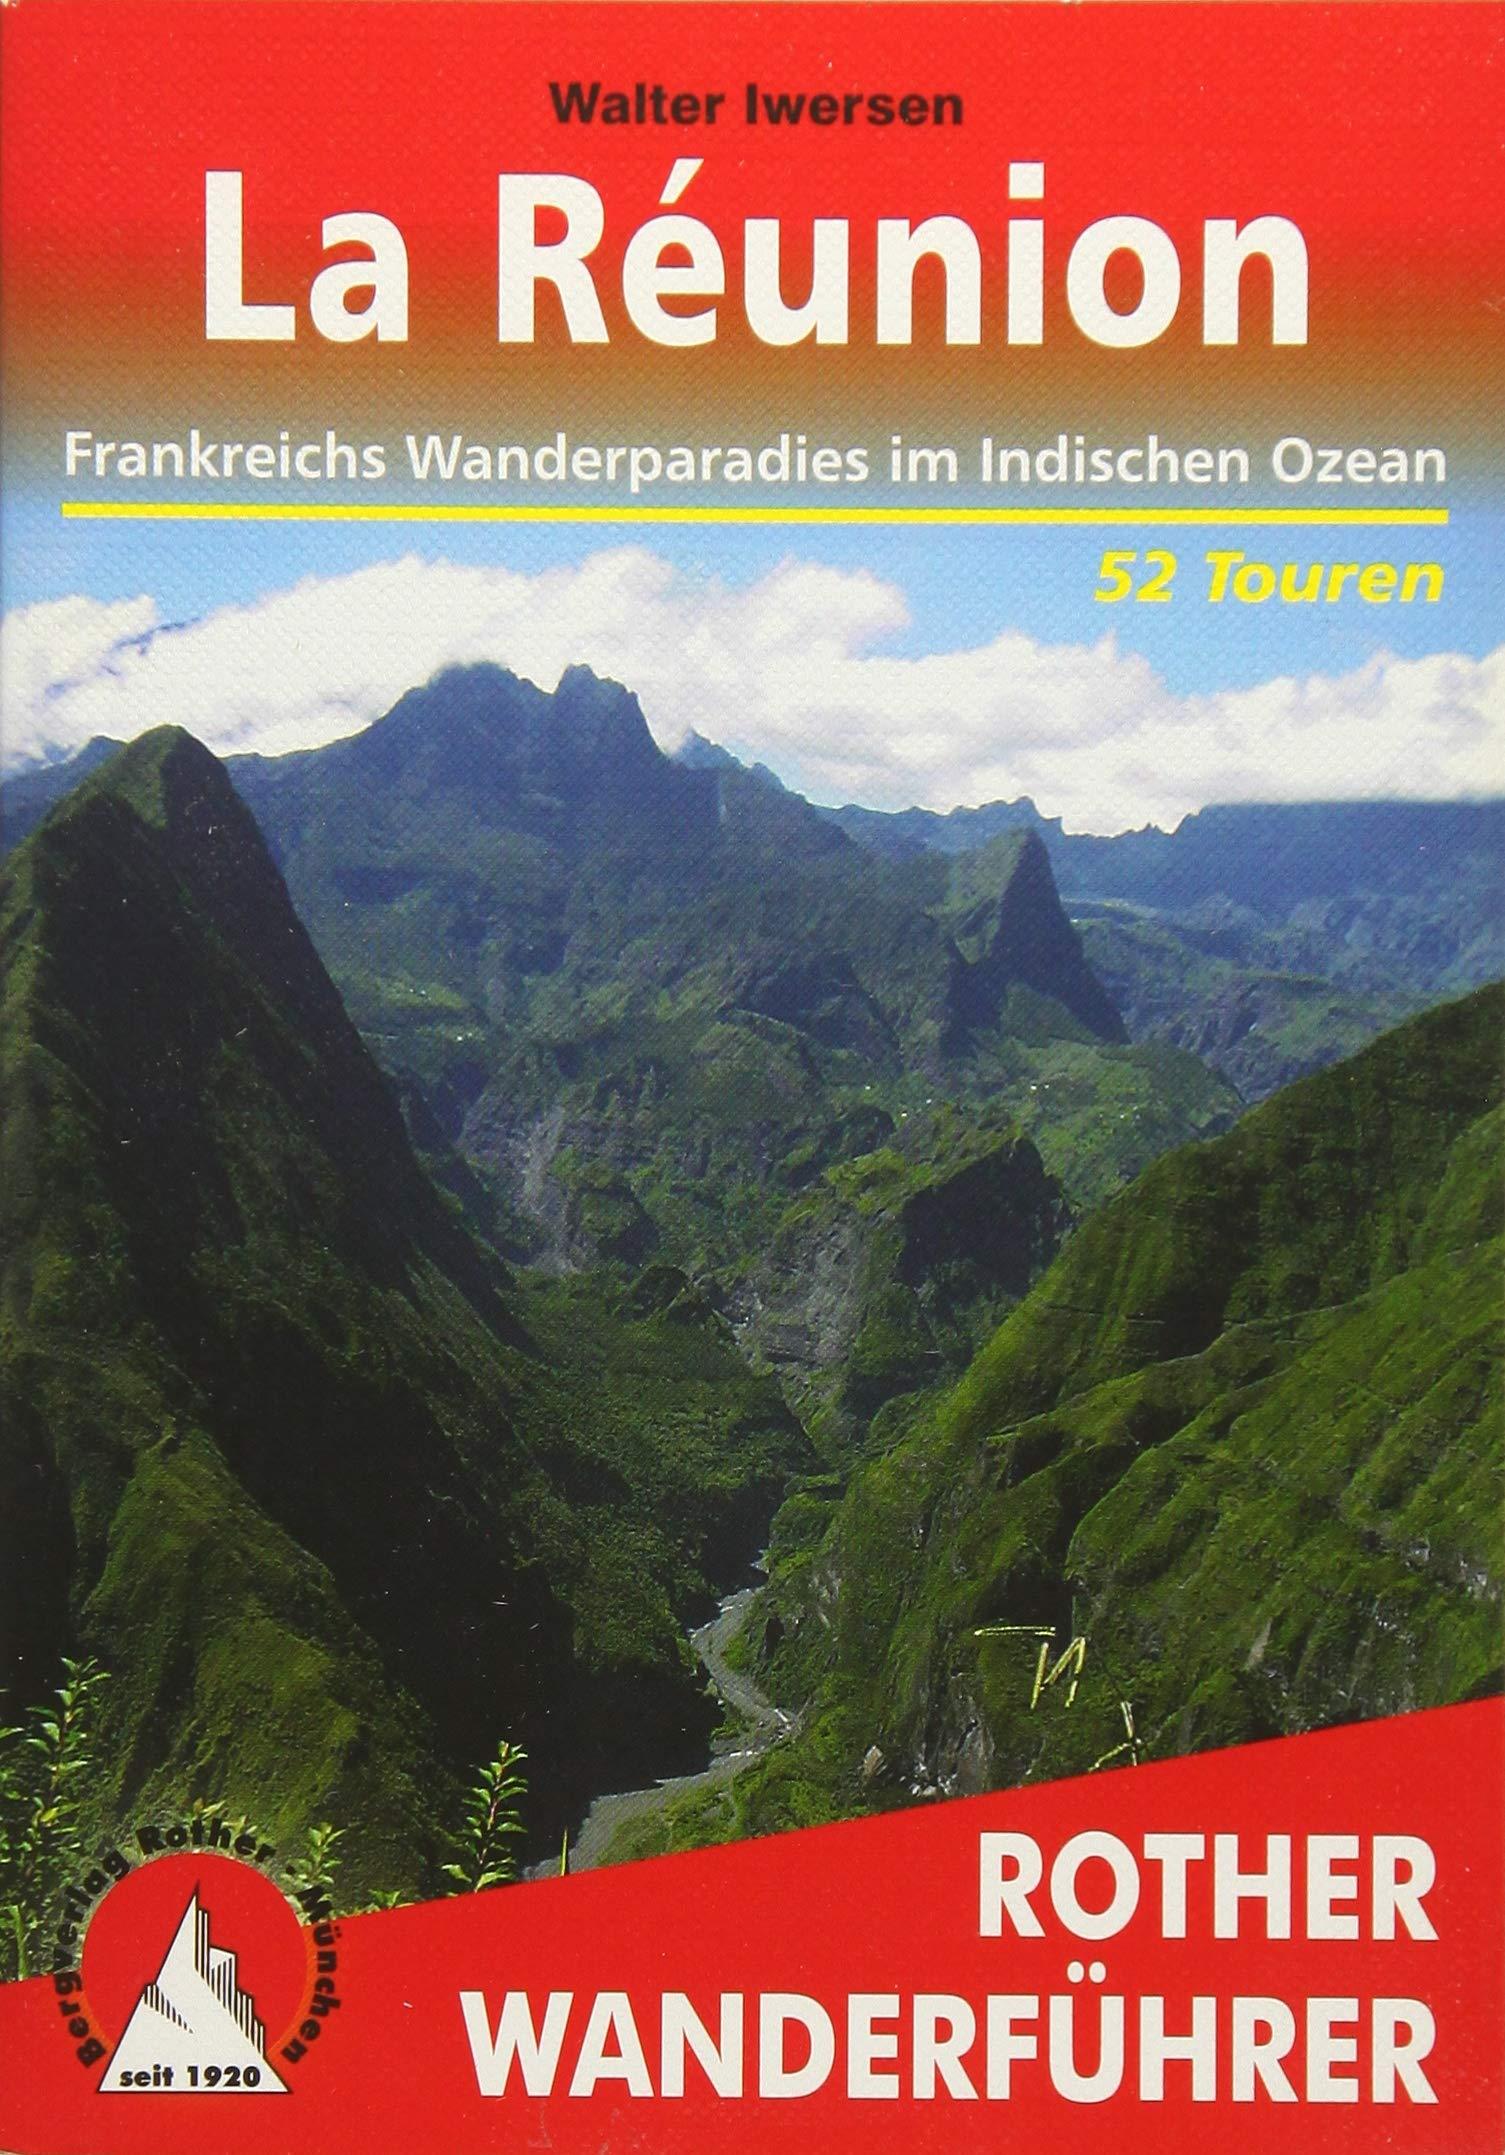 La Réunion: Frankreichs Wanderparadies im Indischen Ozean. 58 Touren. Mit GPS-Tracks (Rother Wanderführer) Taschenbuch – 4. April 2018 Walter Iwersen Bergverlag Rother 3763342788 Reiseführer Sport